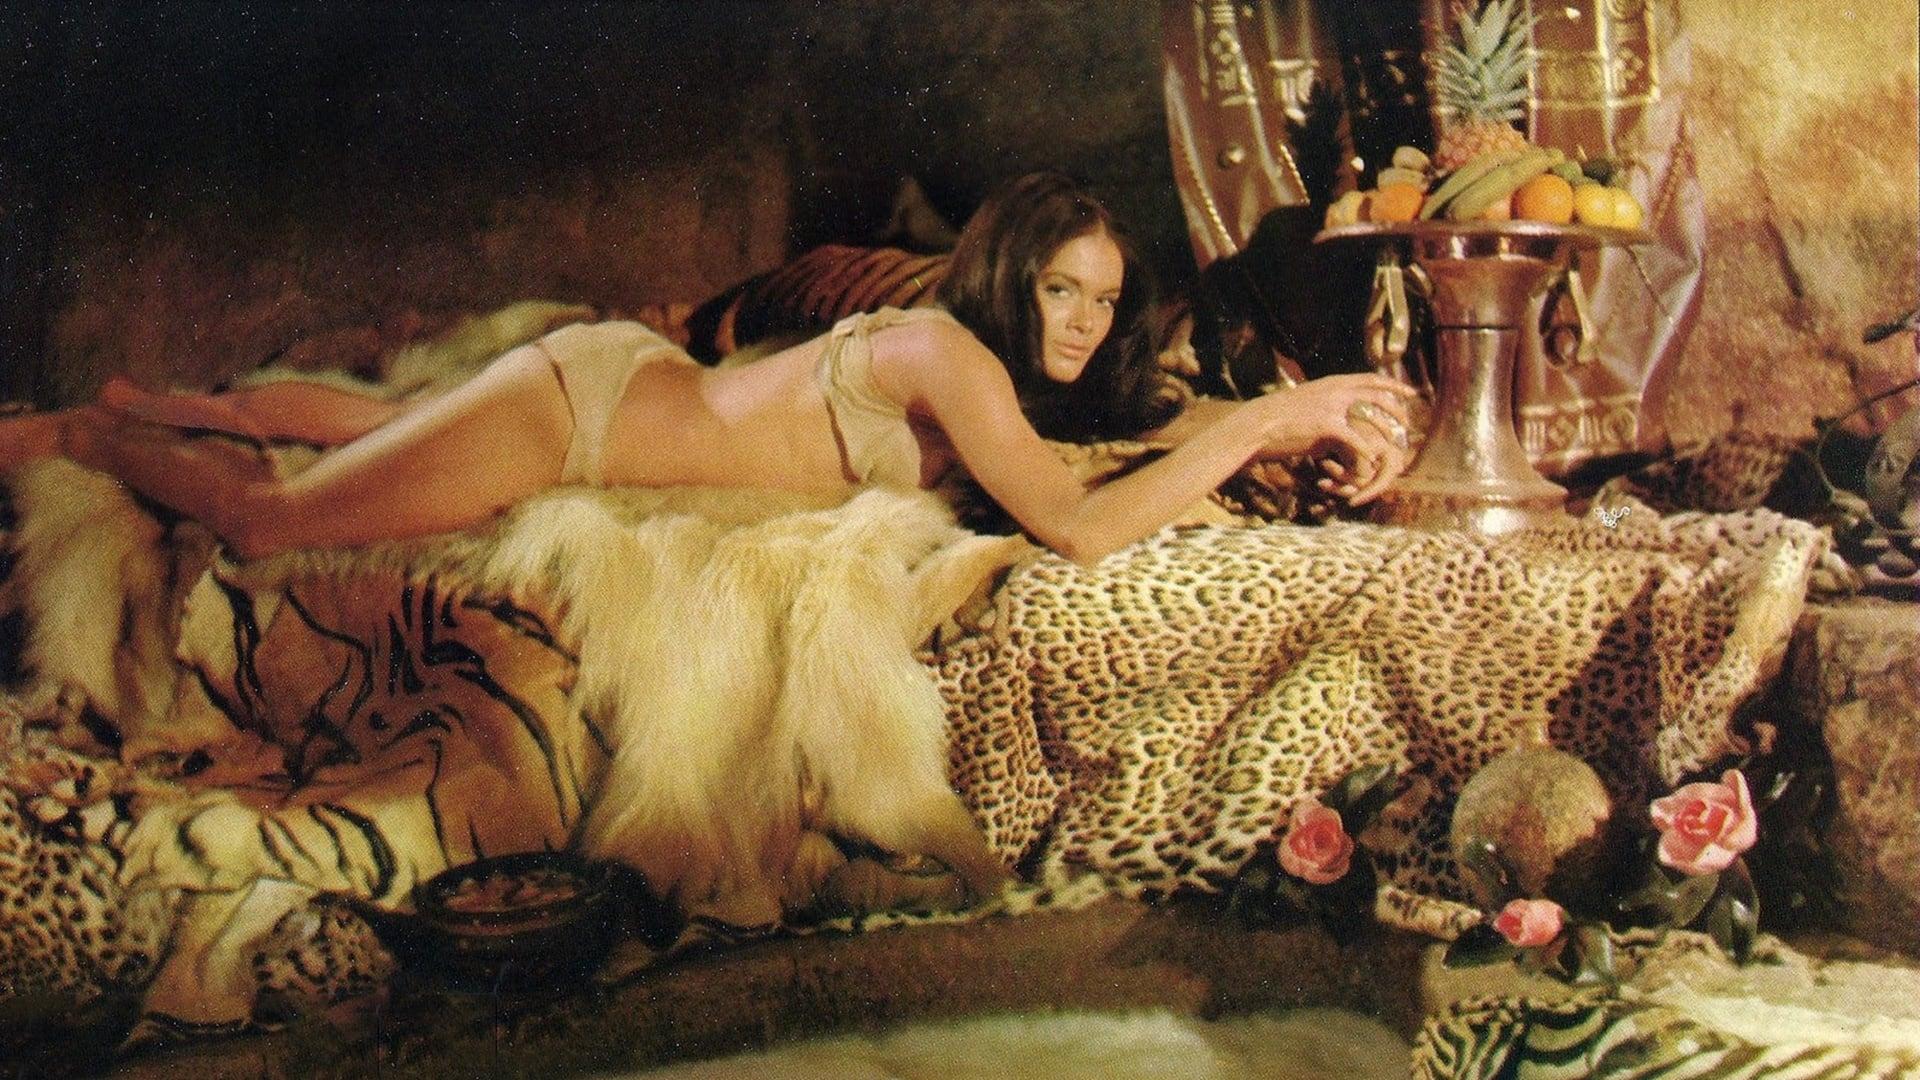 Les femmes Préhistoriques (1967)